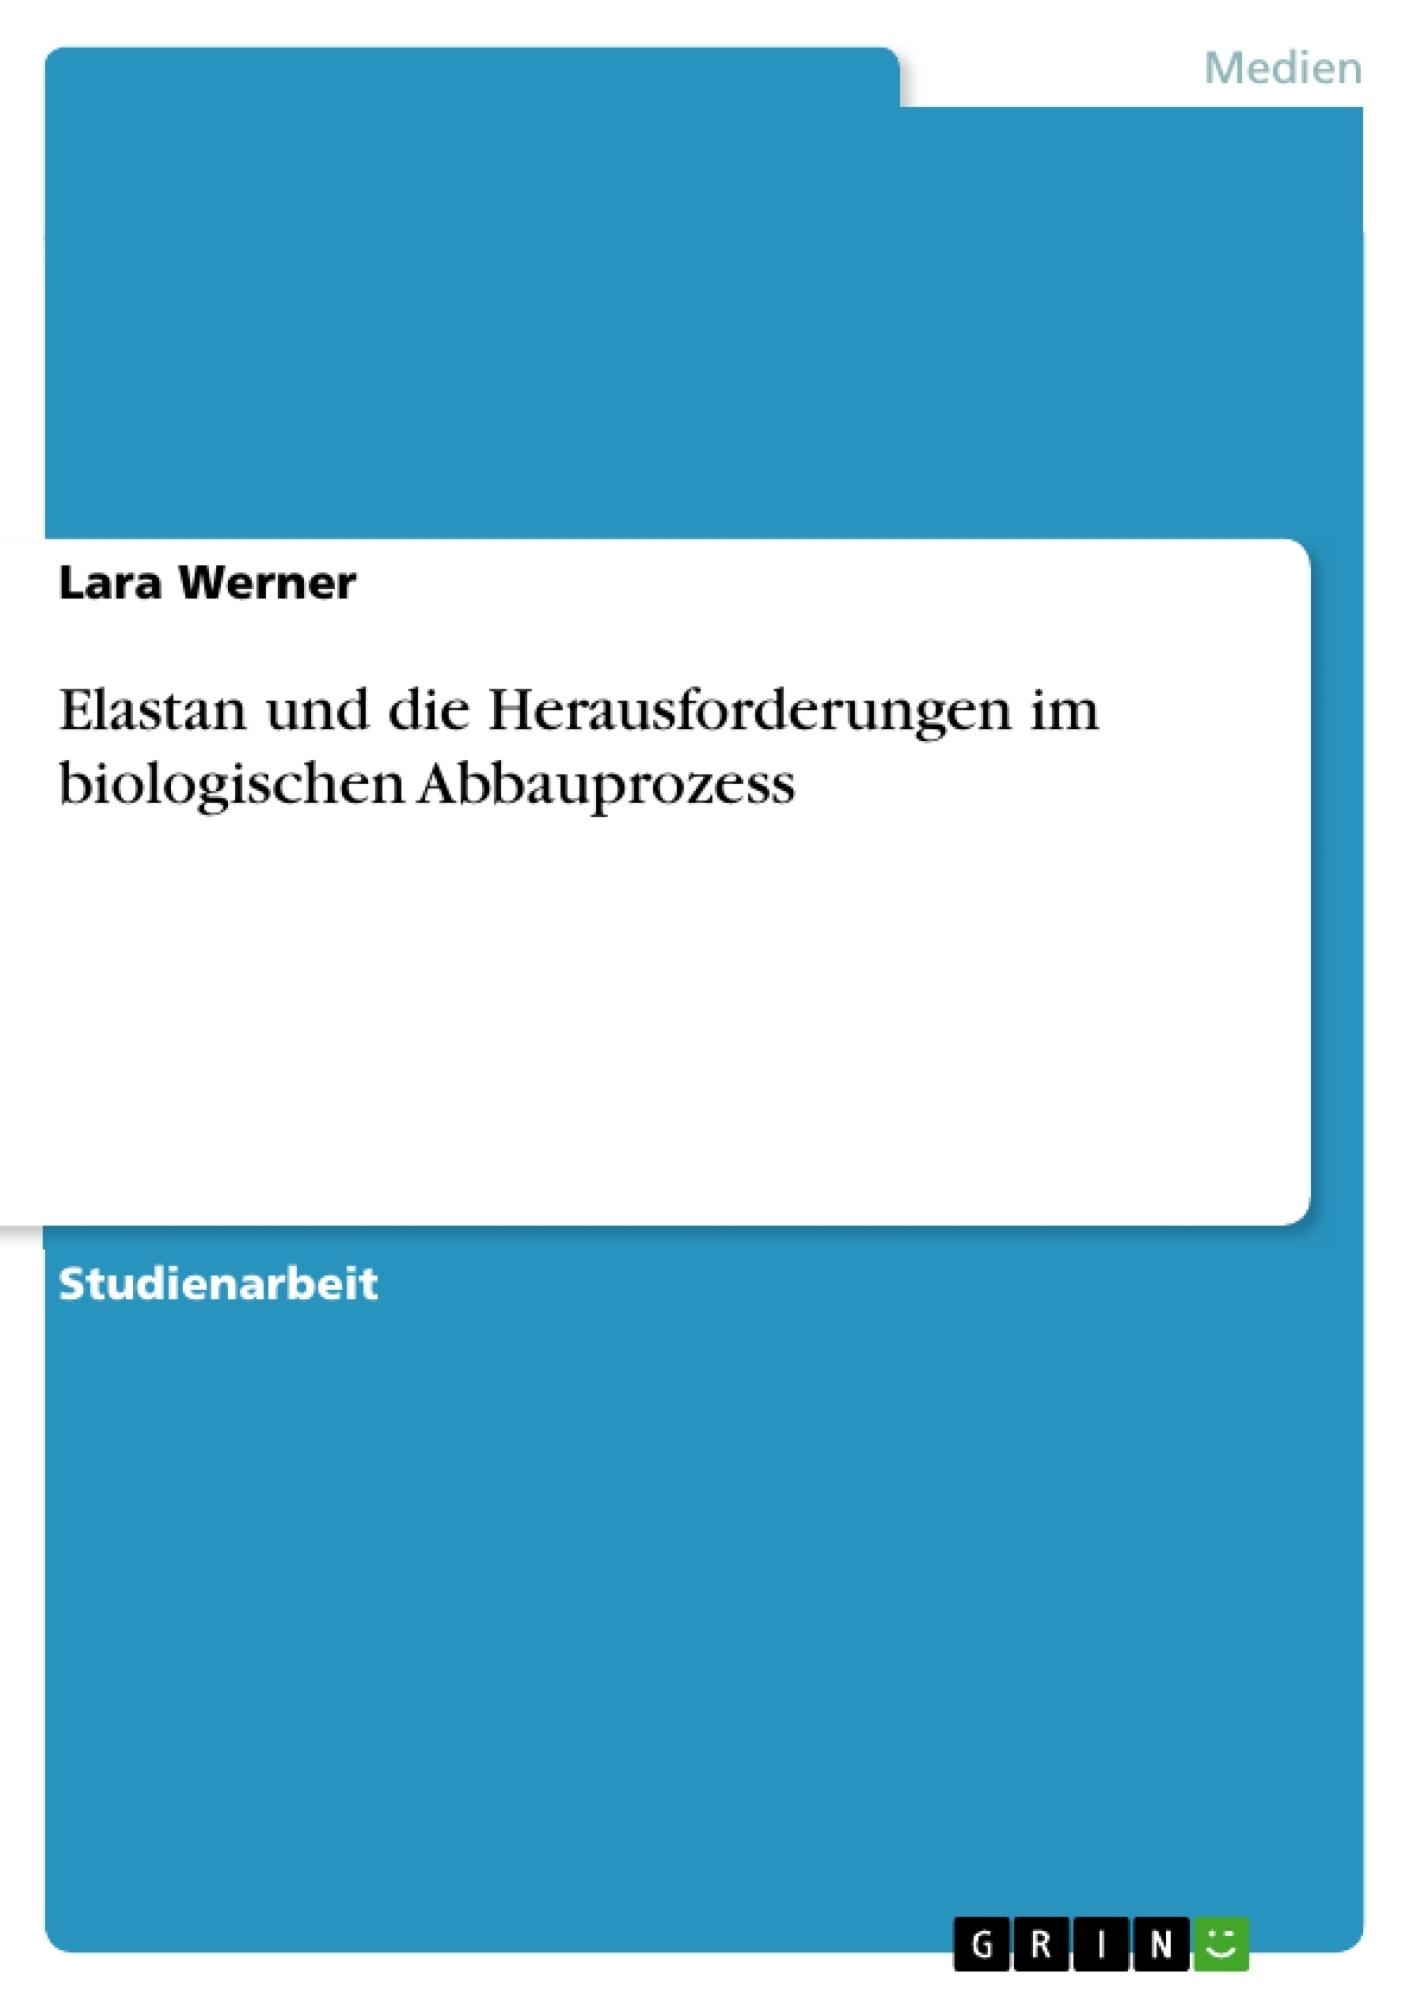 Título: Elastan und die Herausforderungen im biologischen Abbauprozess